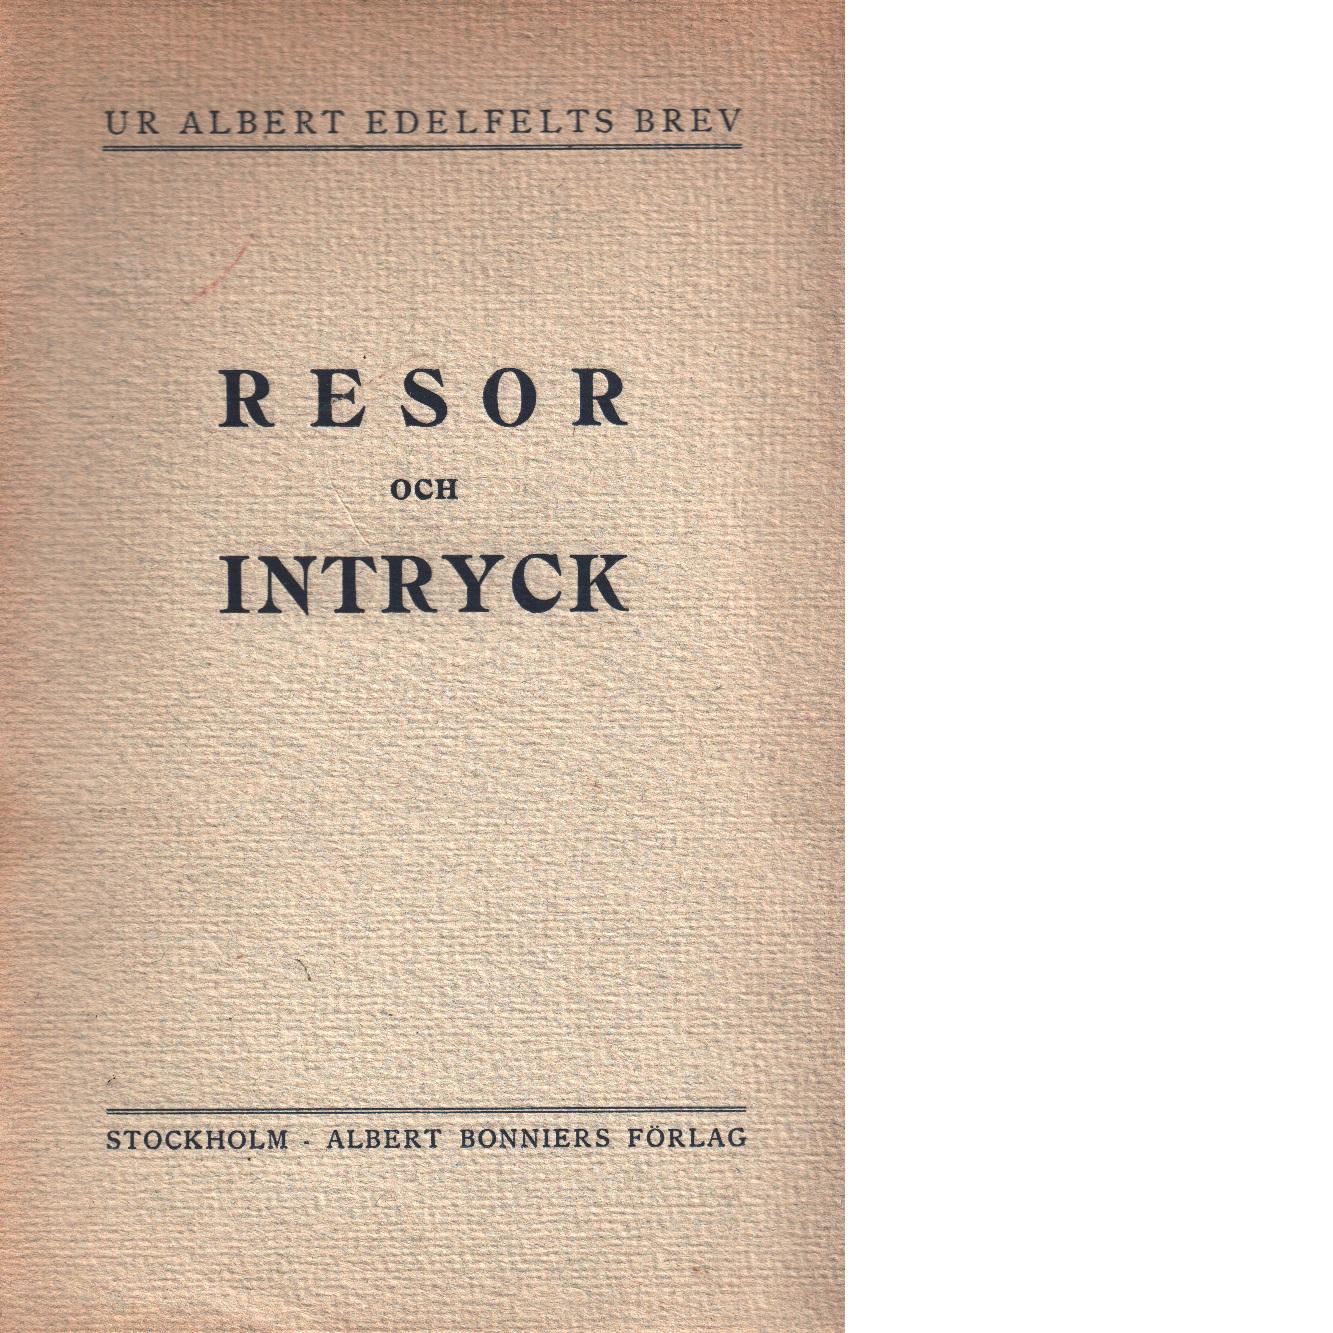 Ur Albert Edelfelts brev. [2], Resor och intryck - Edelfelt, Albert